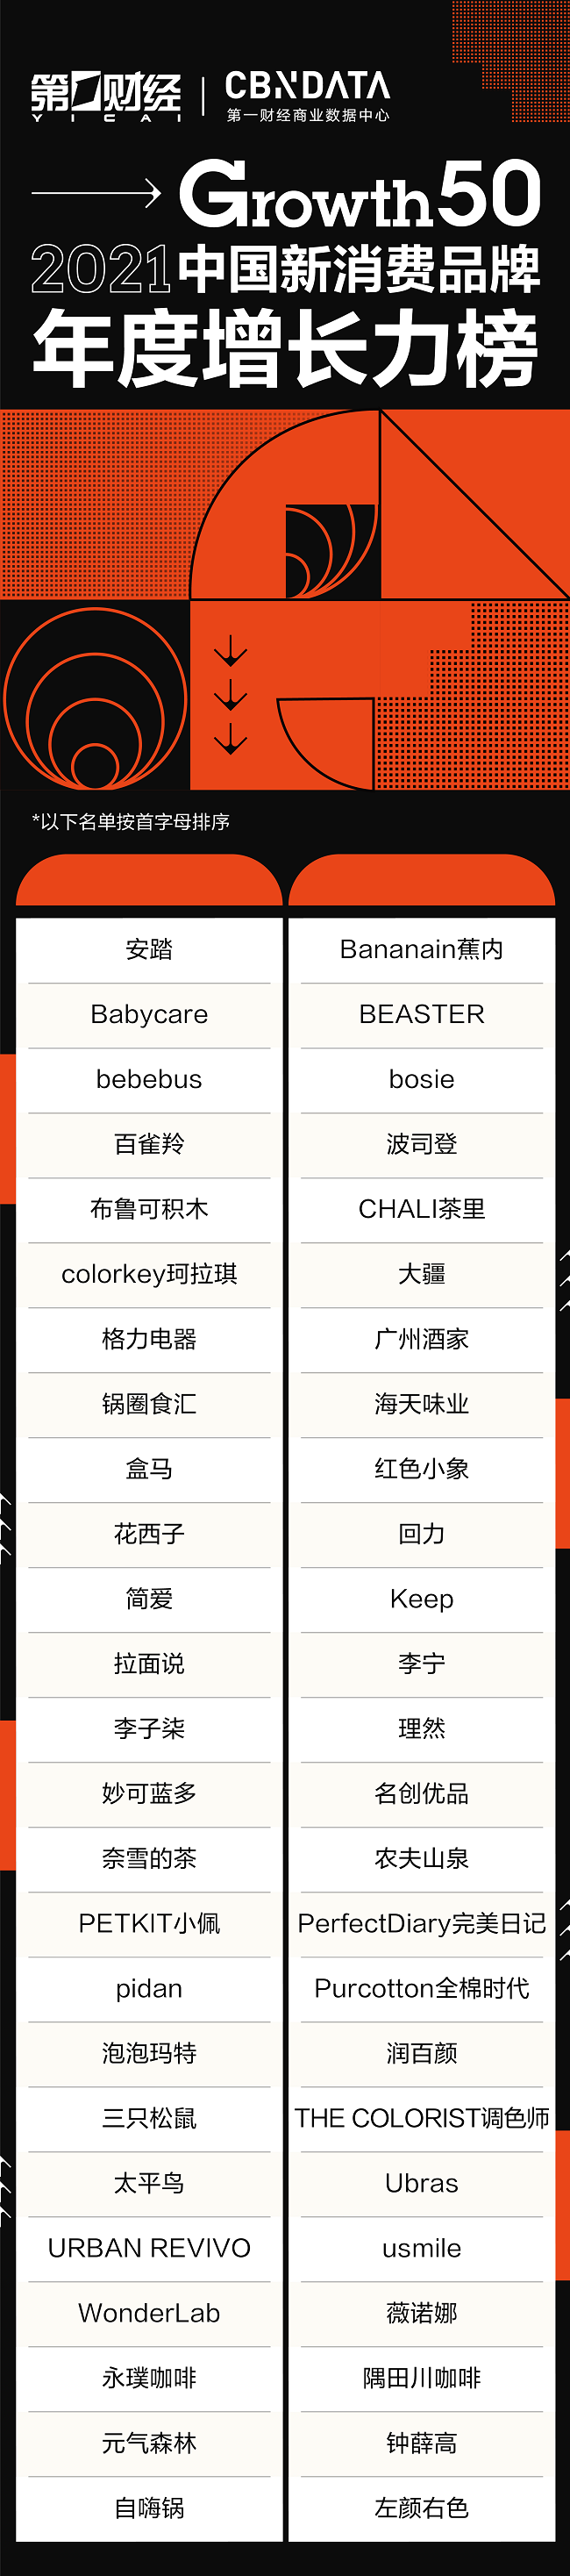 3-榜單.png